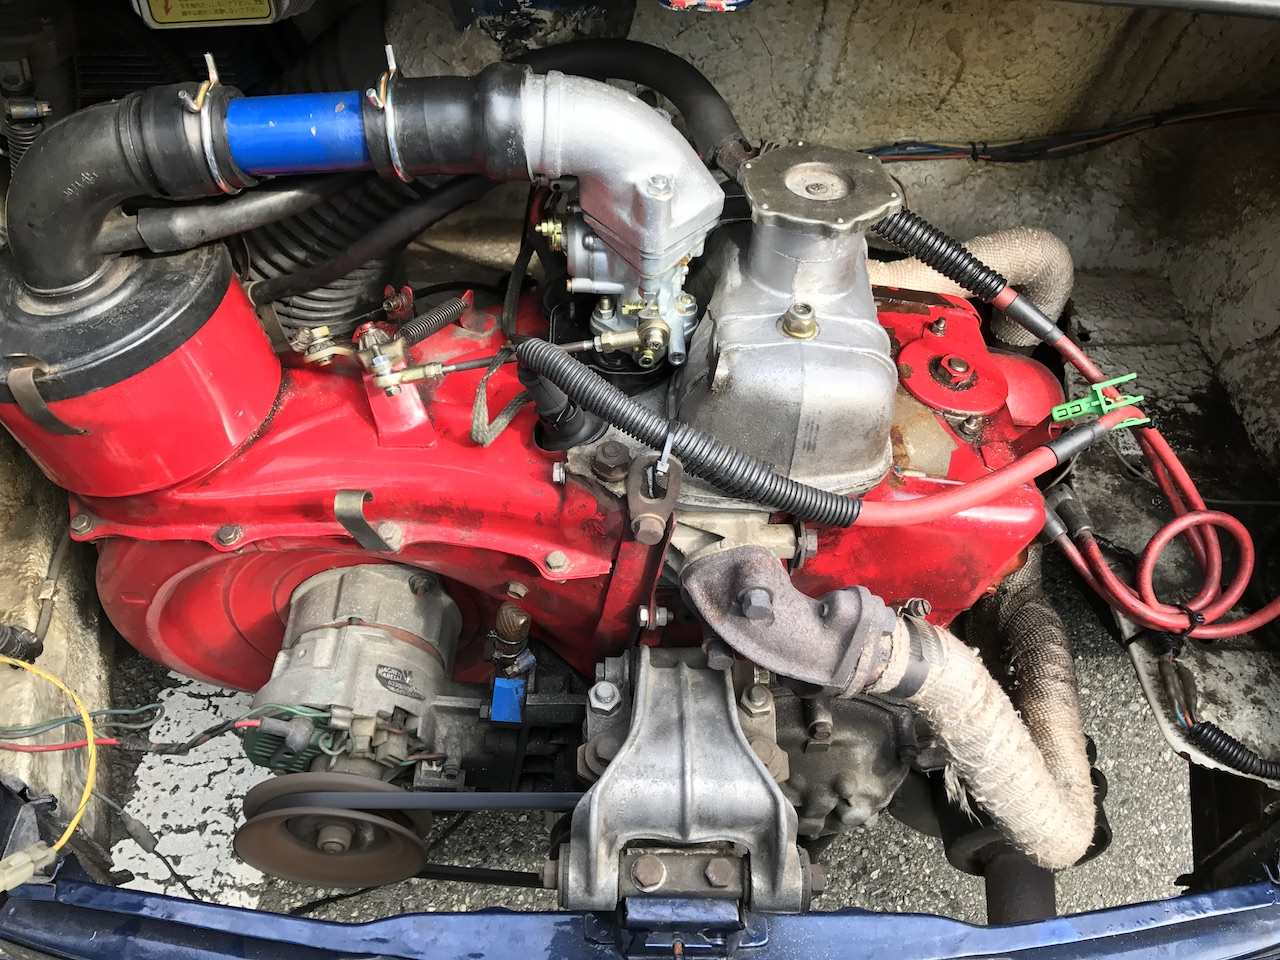 『旧チンクエチェント500』の650ccエンジンを海外から買ってみた。